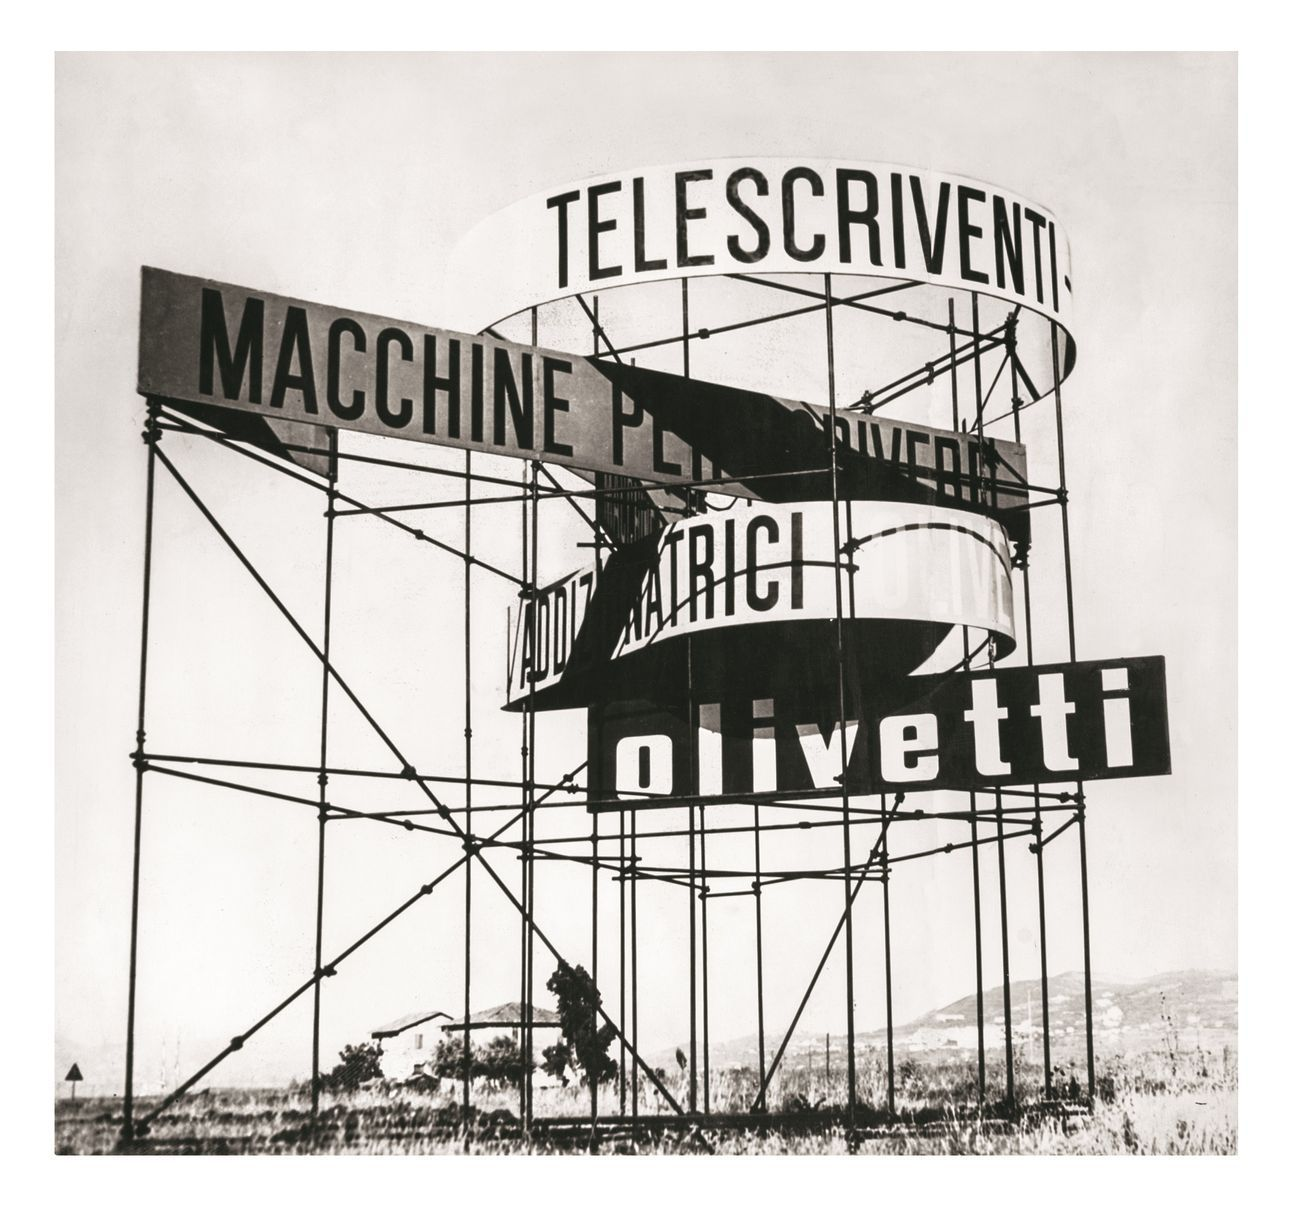 Giovanni Pintori, Costruzione stradale, 1950, foto b n, 41x37 cm, Nuoro, Collezione MAN